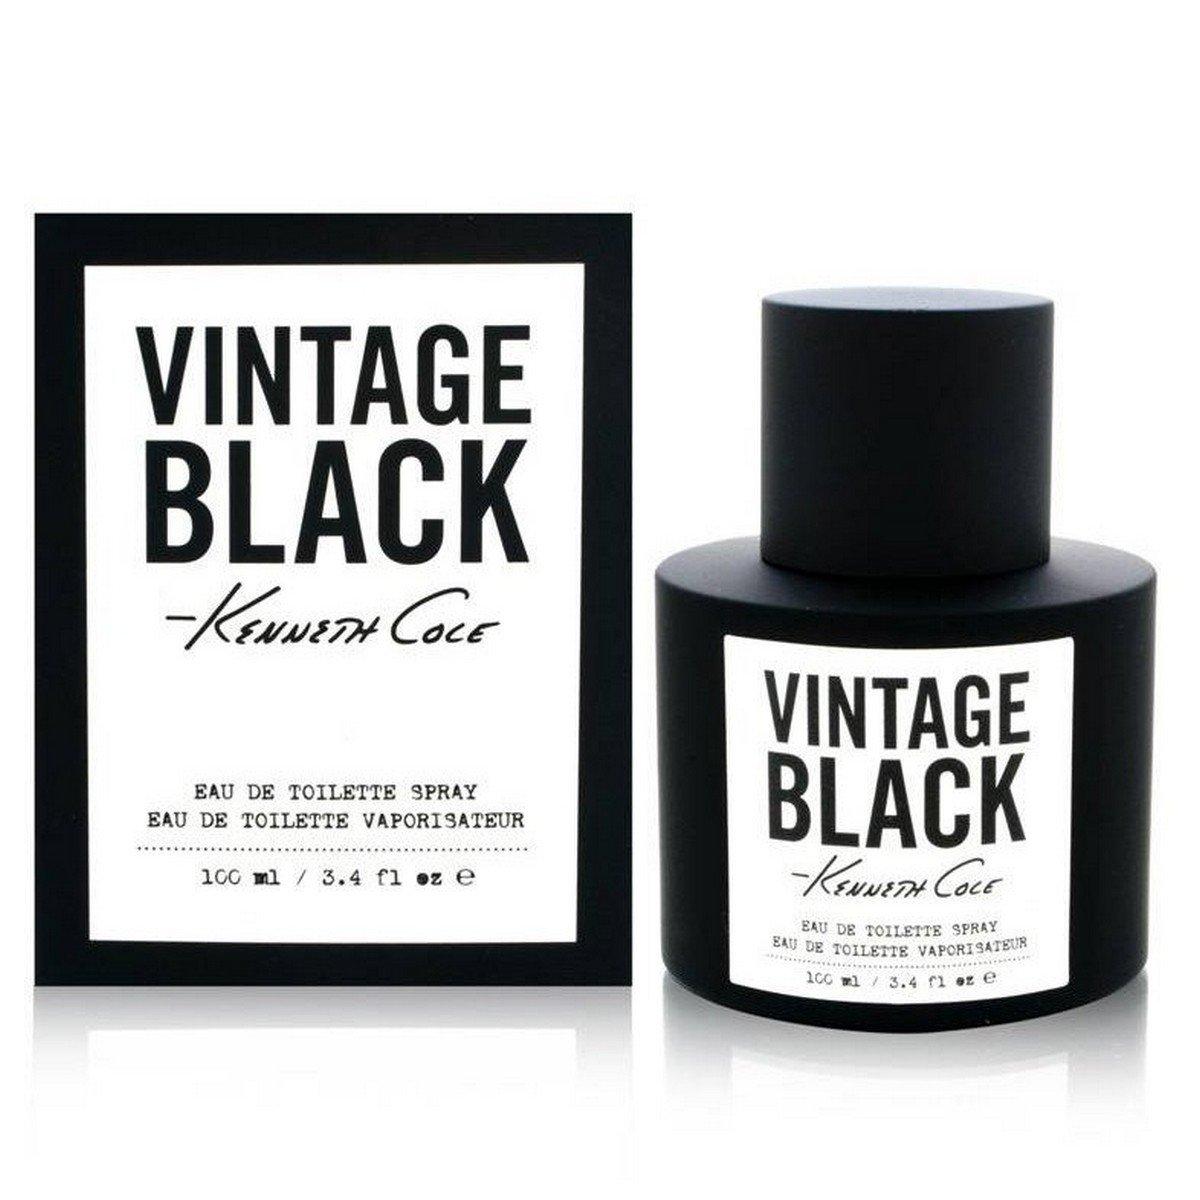 Kenneth Cole Vintage Black Eau De Toilette Spray, 3.4 Fl Oz